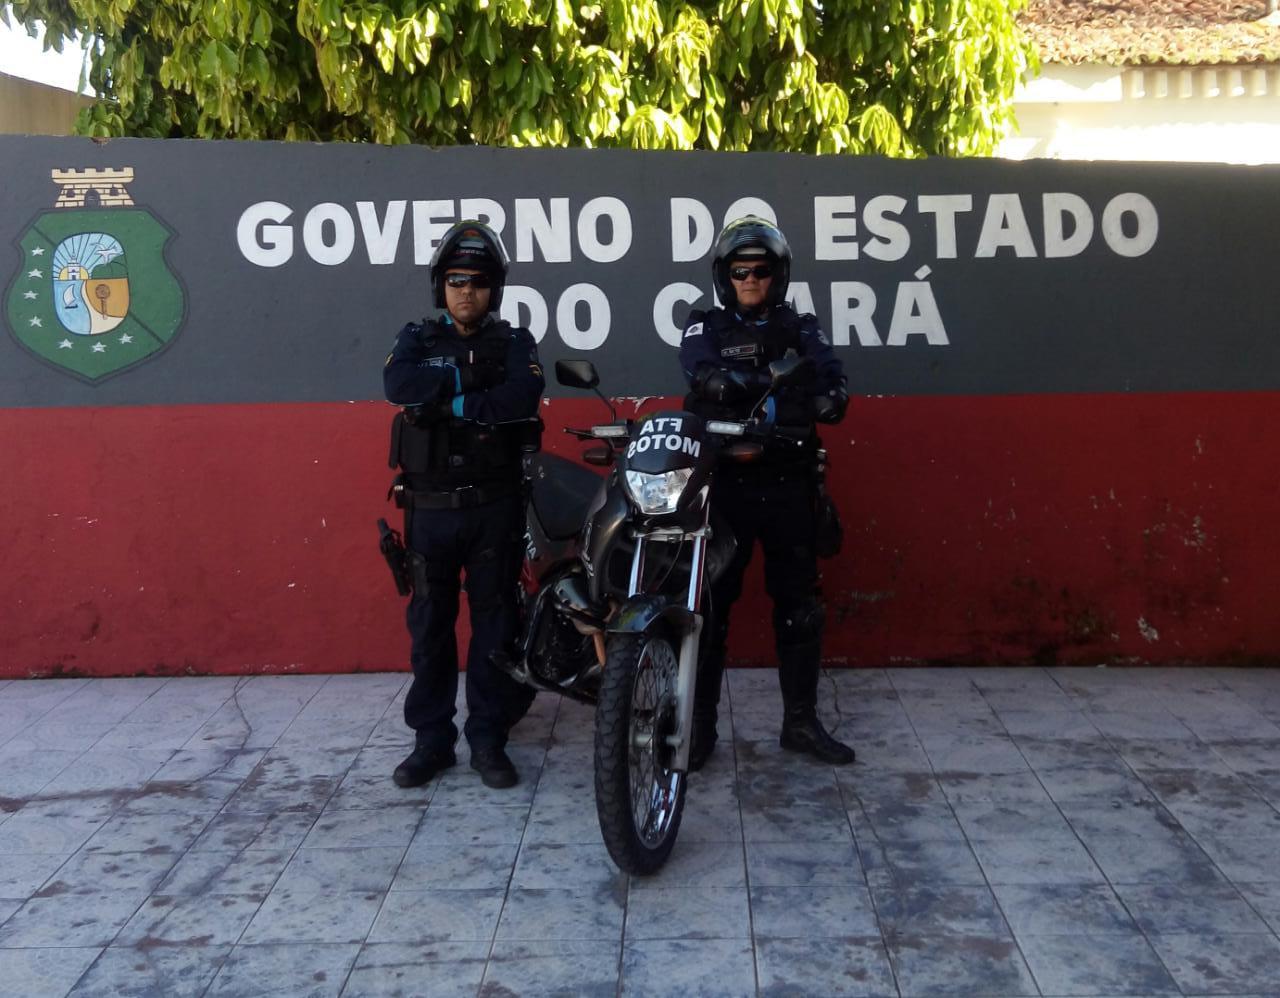 Moto patrulhamento rural é iniciado em Ubajara